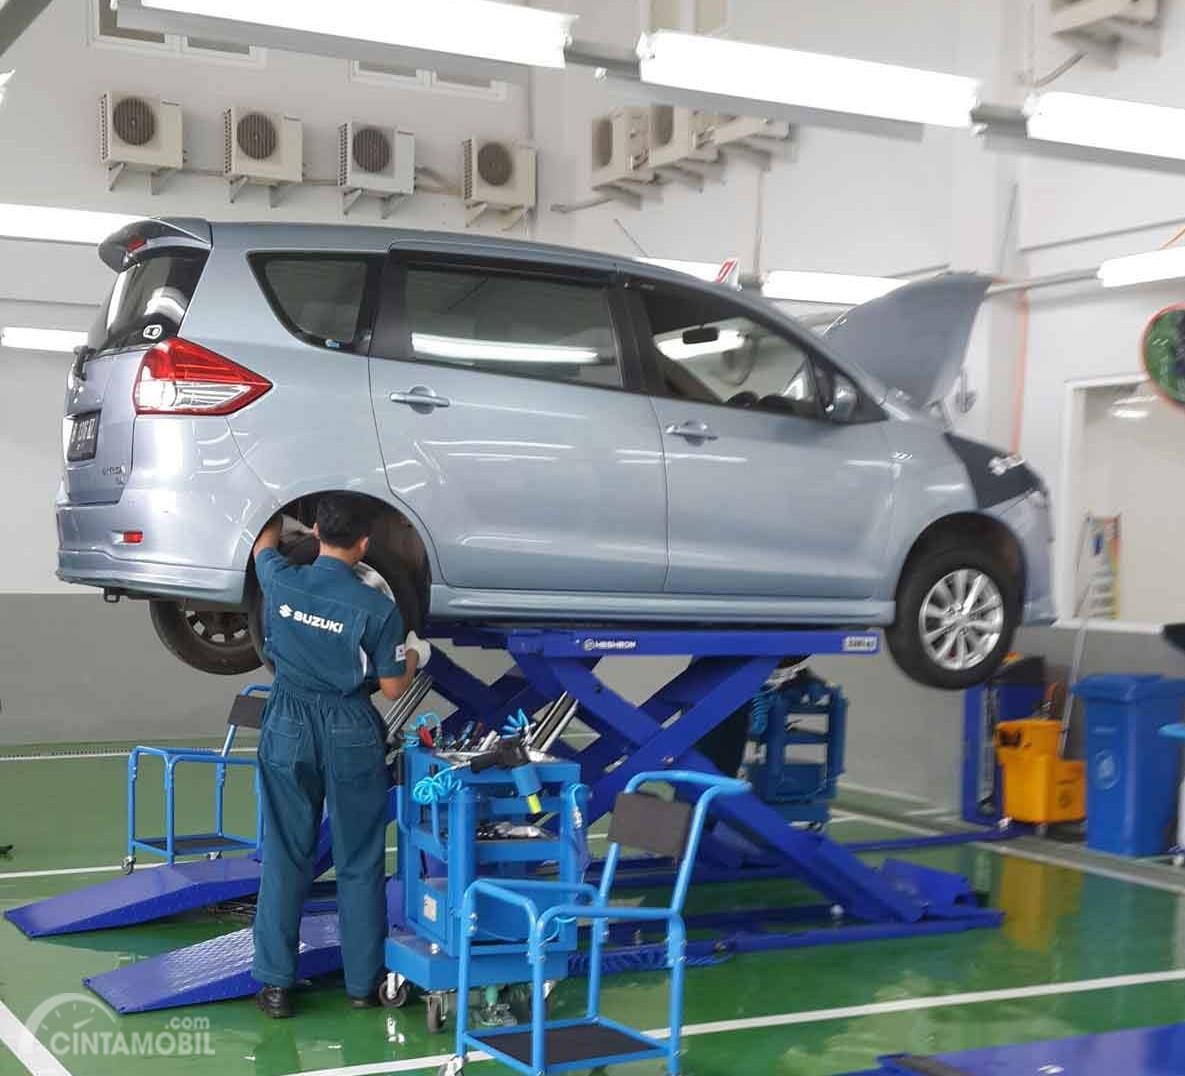 Foto menunjukkan salah satu aktivitas Servis mobil di bengkel resmi Suzuki